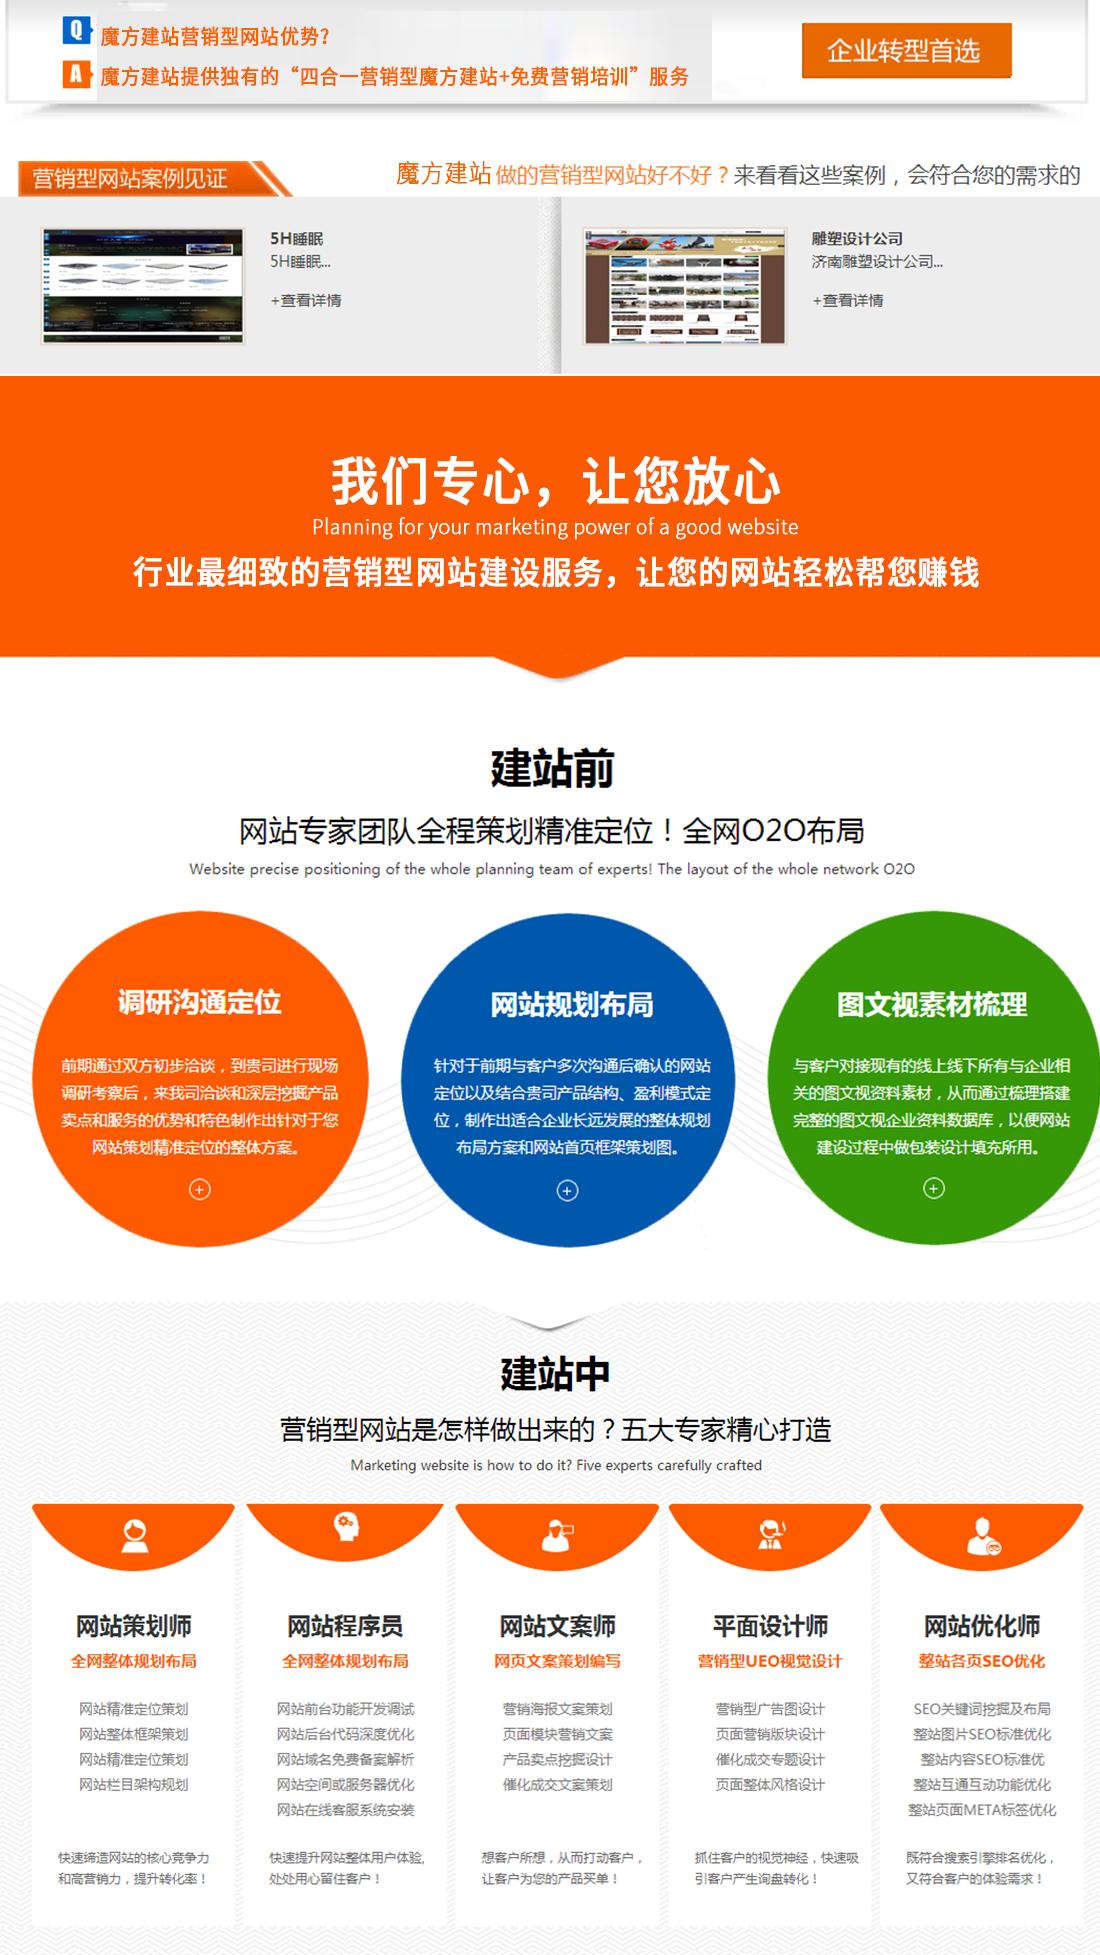 营销型网站_03.png